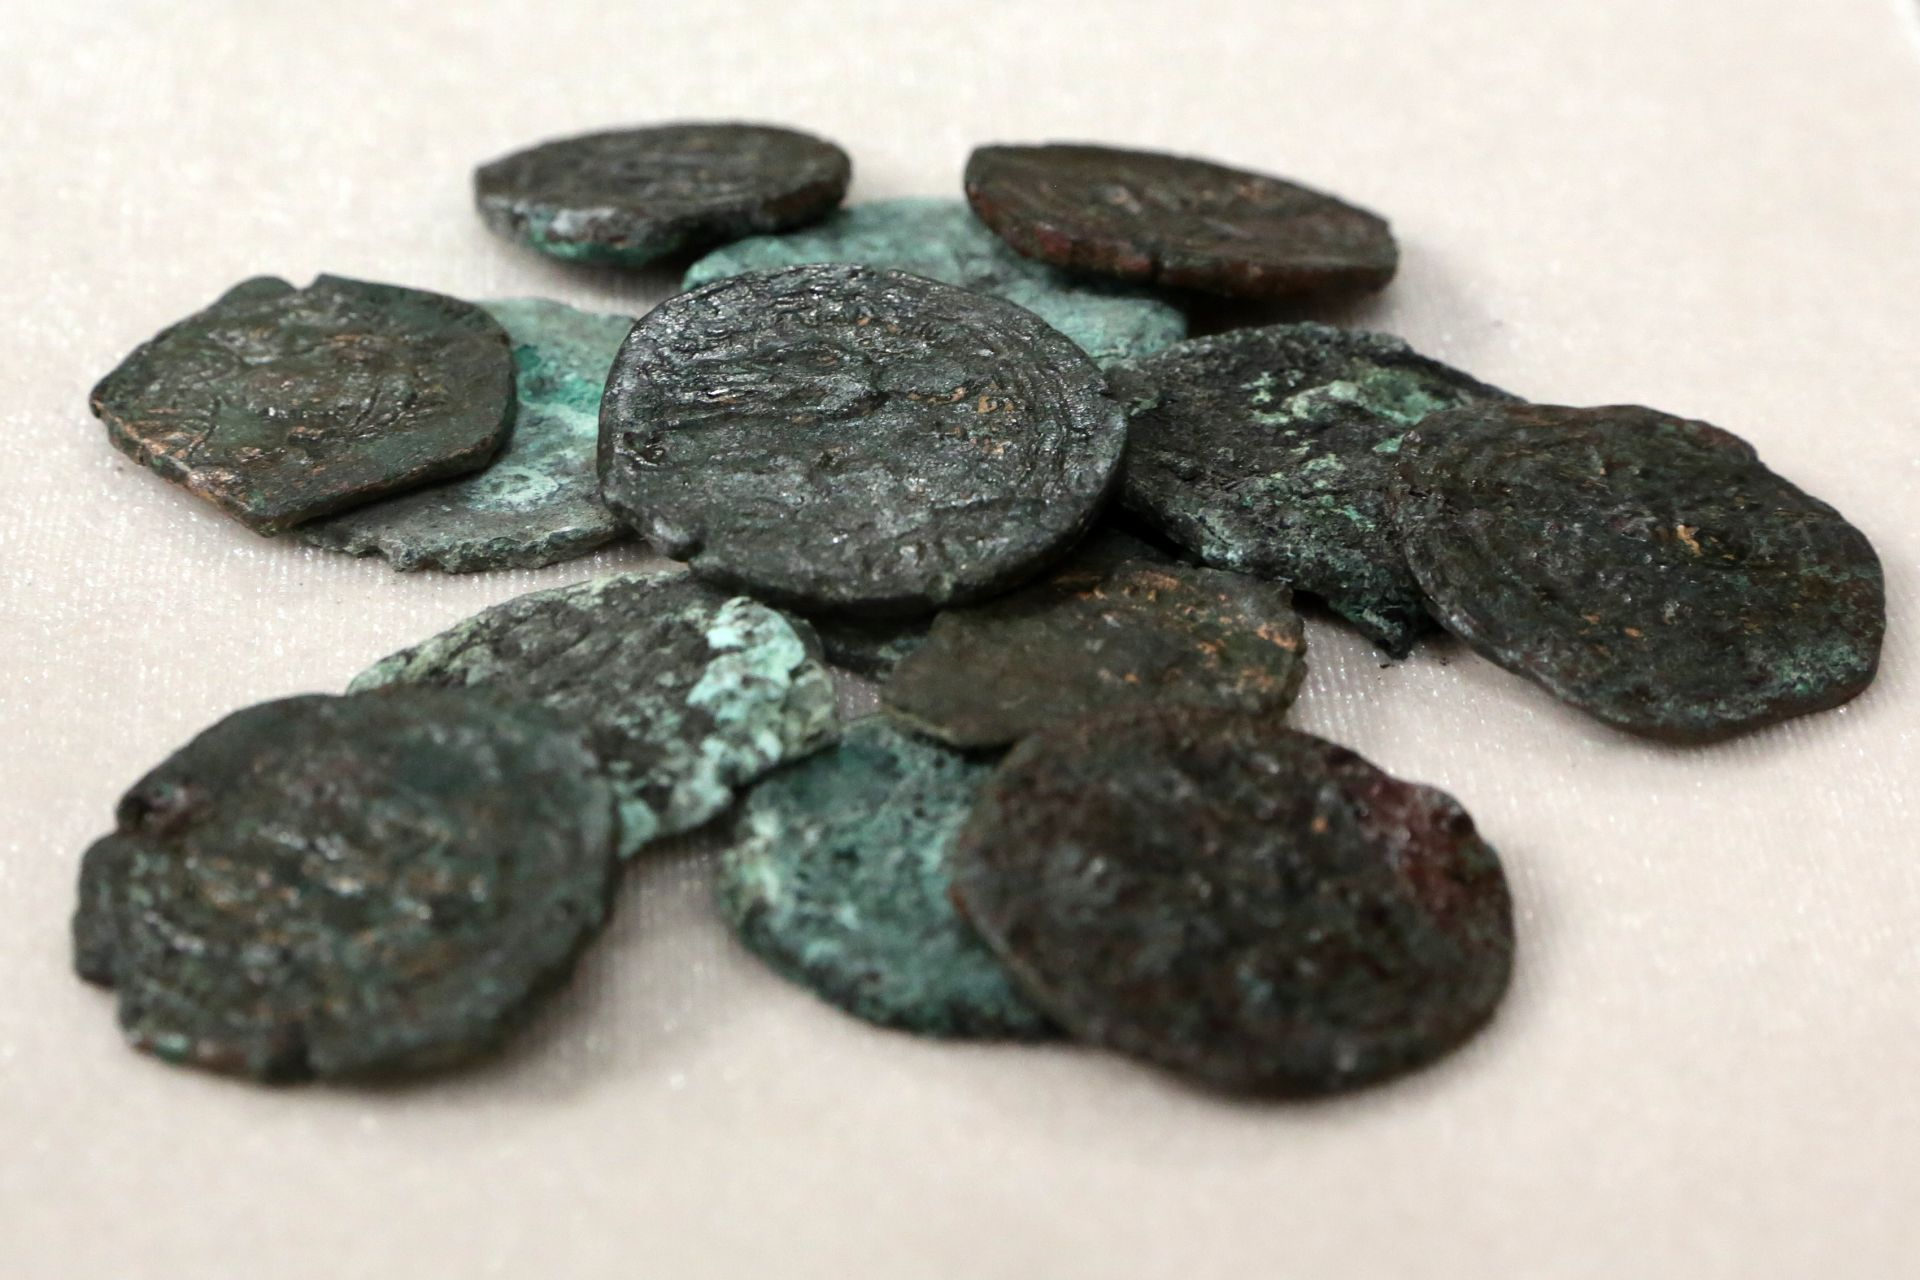 Археологическите открития през 2018 г. - златни и сребърни съкровища, изящни древни предмети и културни ценности